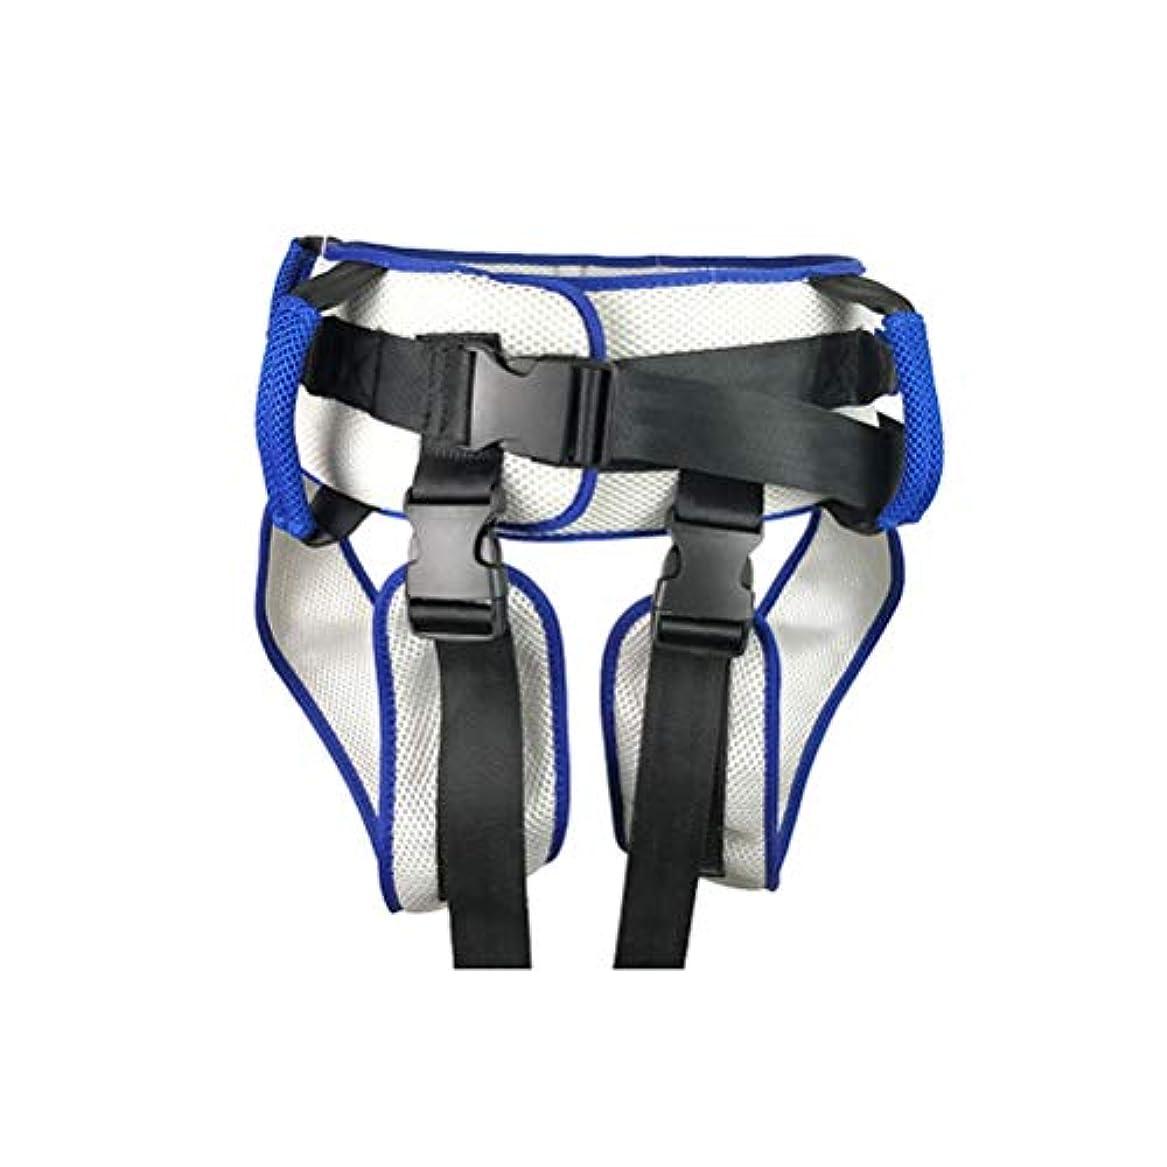 ピストン雑種絞るHEALLILY 足のループ付きHEALLILYトランスファーベルト患者補助トランスファースリングリハビリテーションベルト下肢歩行立ちトレーニング用具(青)